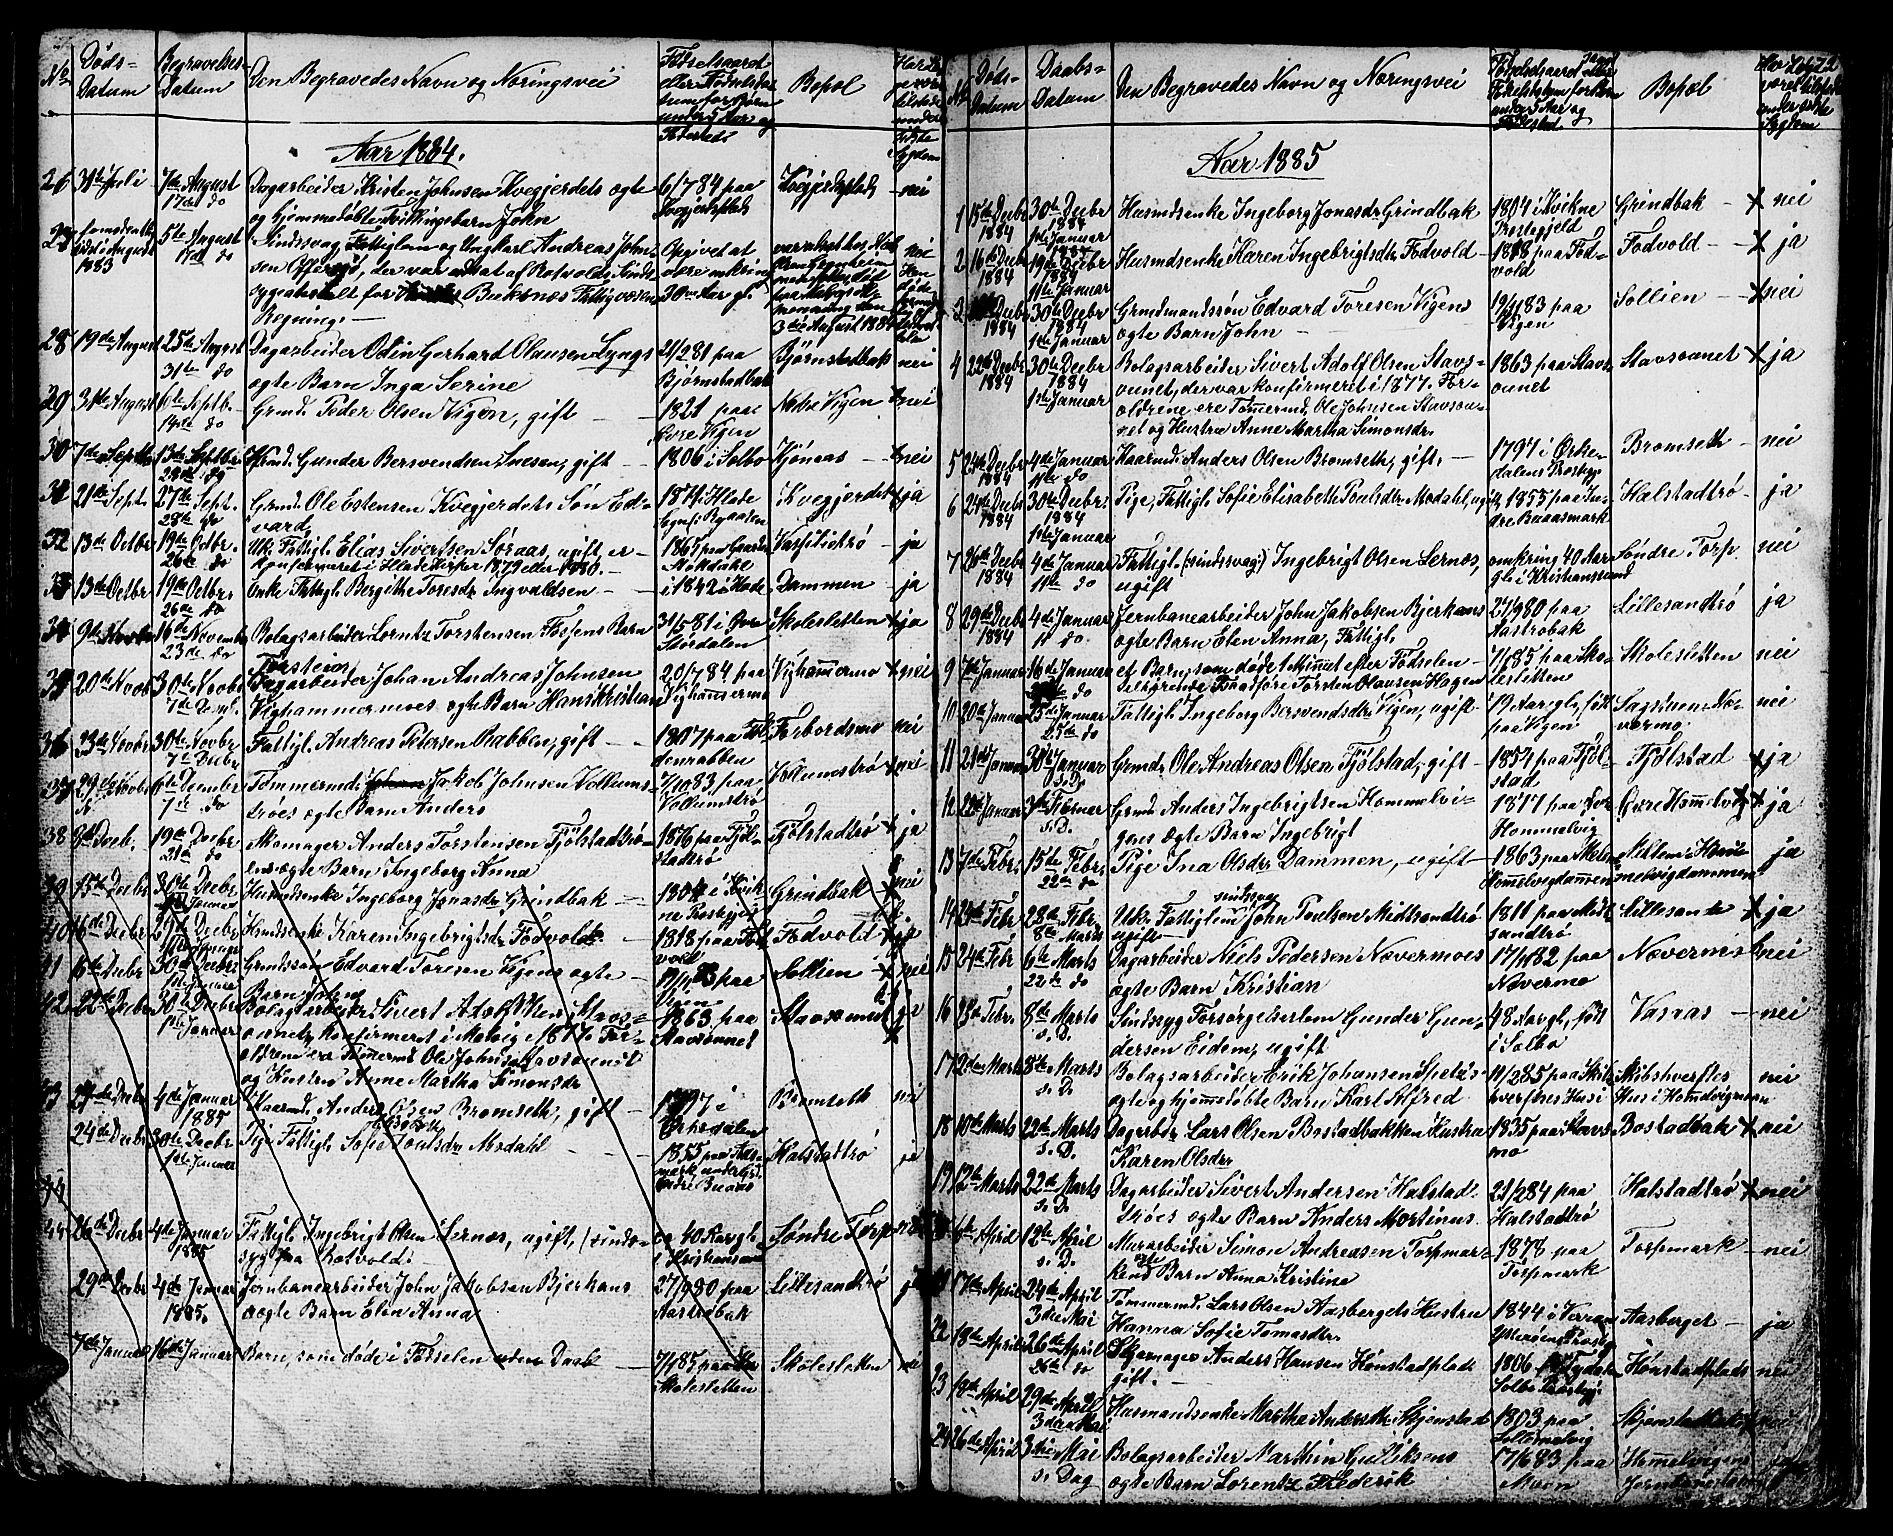 SAT, Ministerialprotokoller, klokkerbøker og fødselsregistre - Sør-Trøndelag, 616/L0422: Klokkerbok nr. 616C05, 1850-1888, s. 172